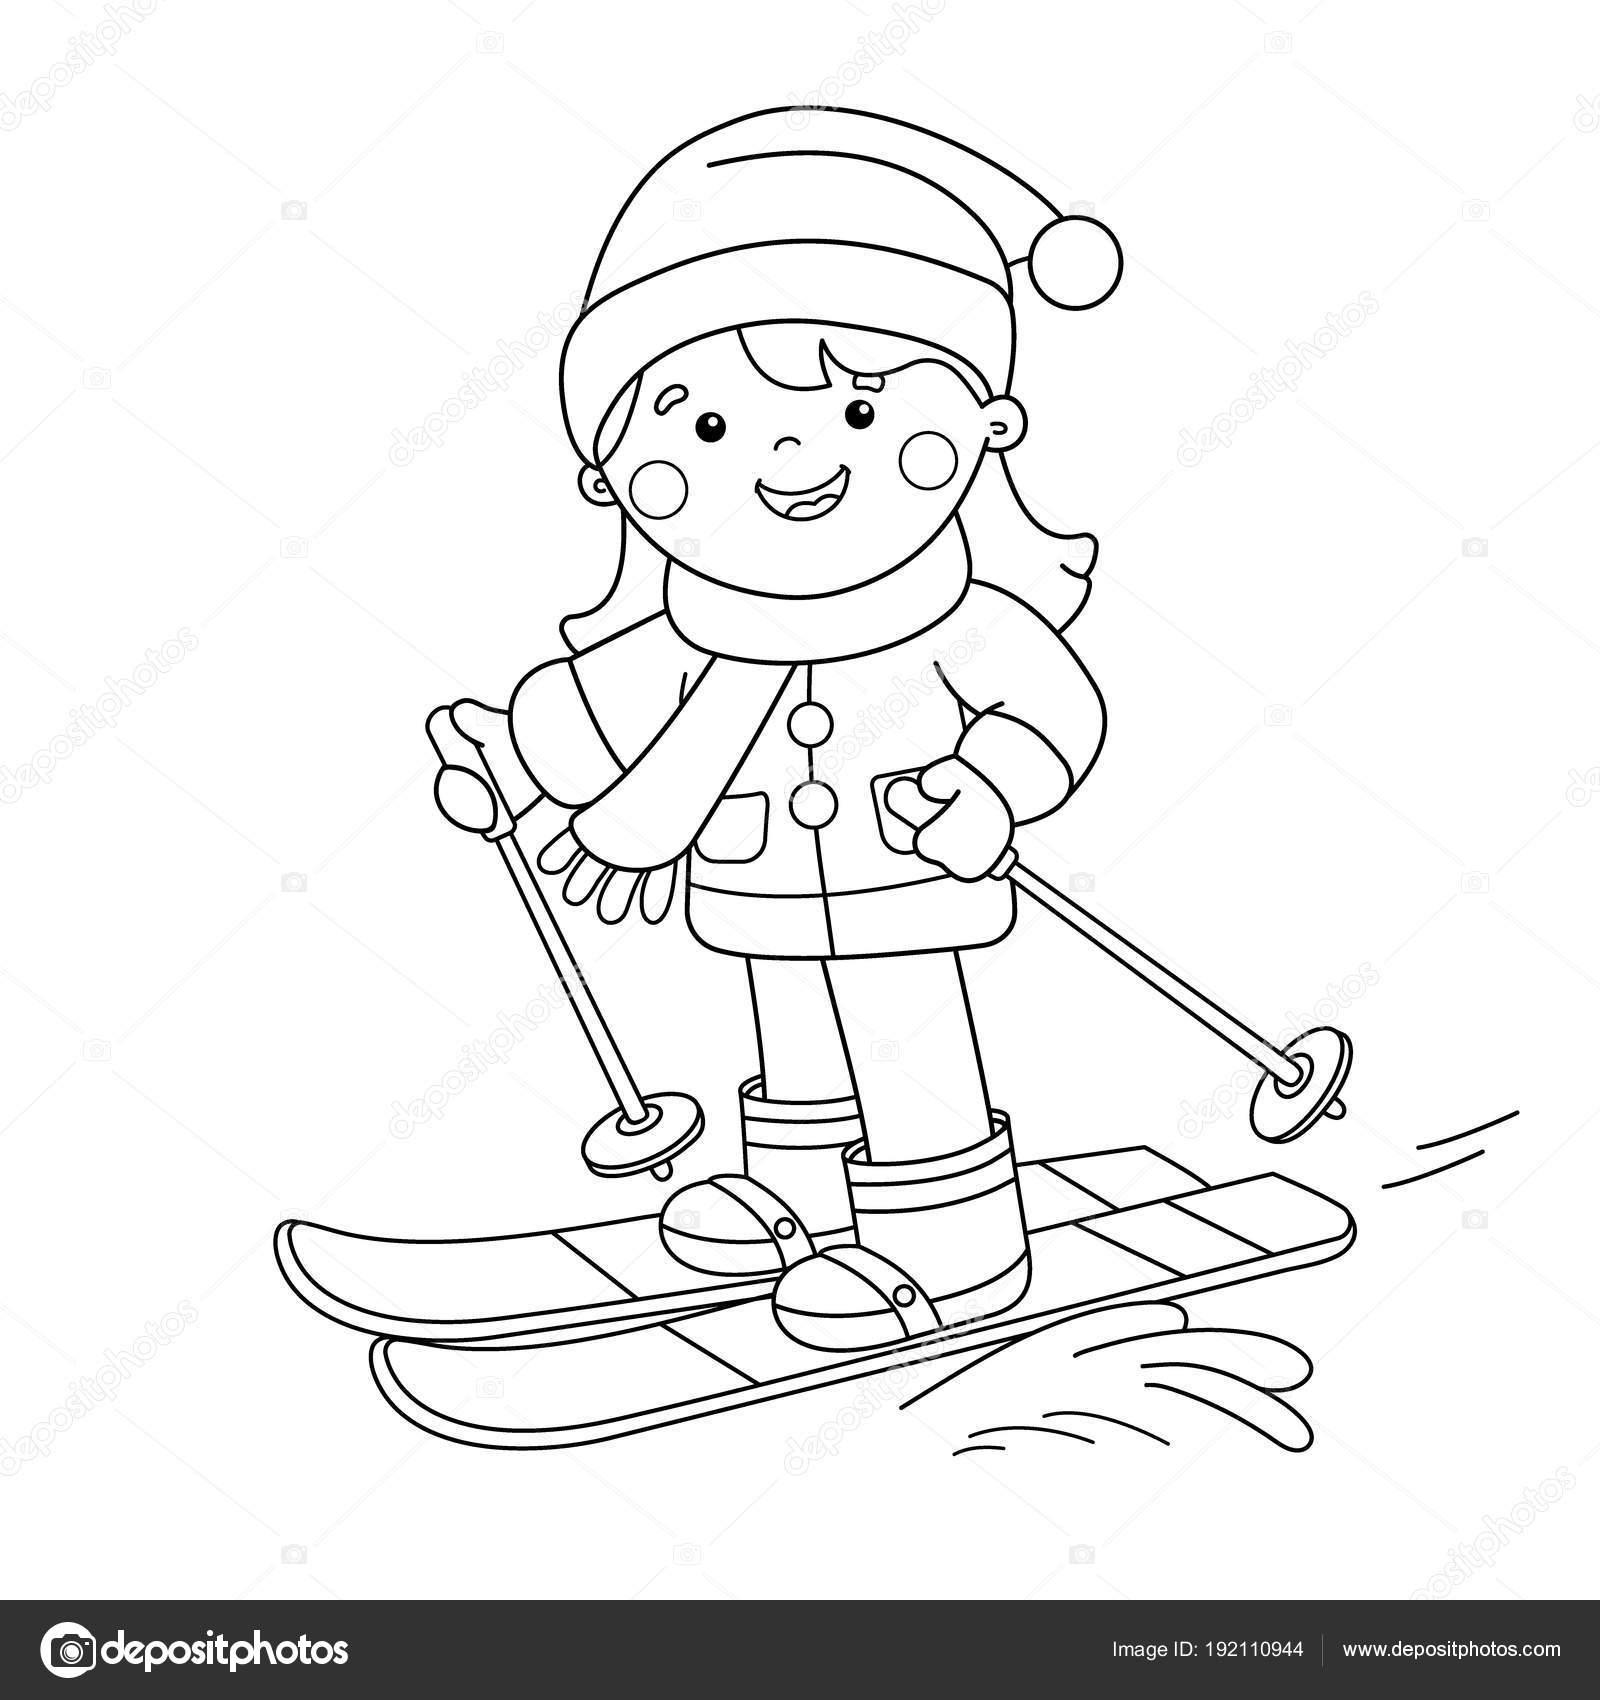 Kayak Boyama Sayfa Anahat Karikatür Kız Kış Sporları çocuklar